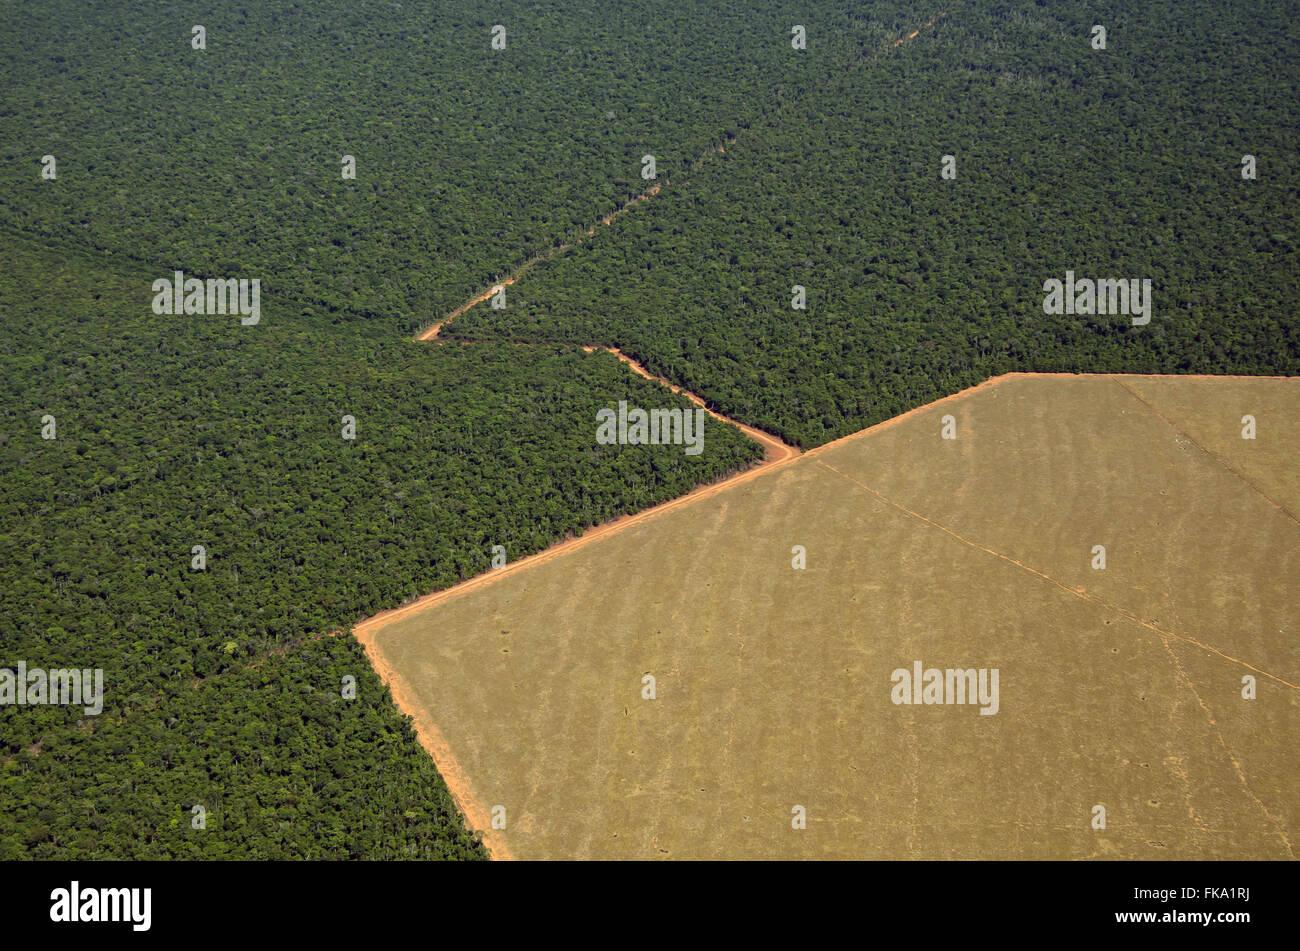 Vista aérea de la zona conservan y limitar el área deforestada para la agricultura en el medio de la savana Foto de stock